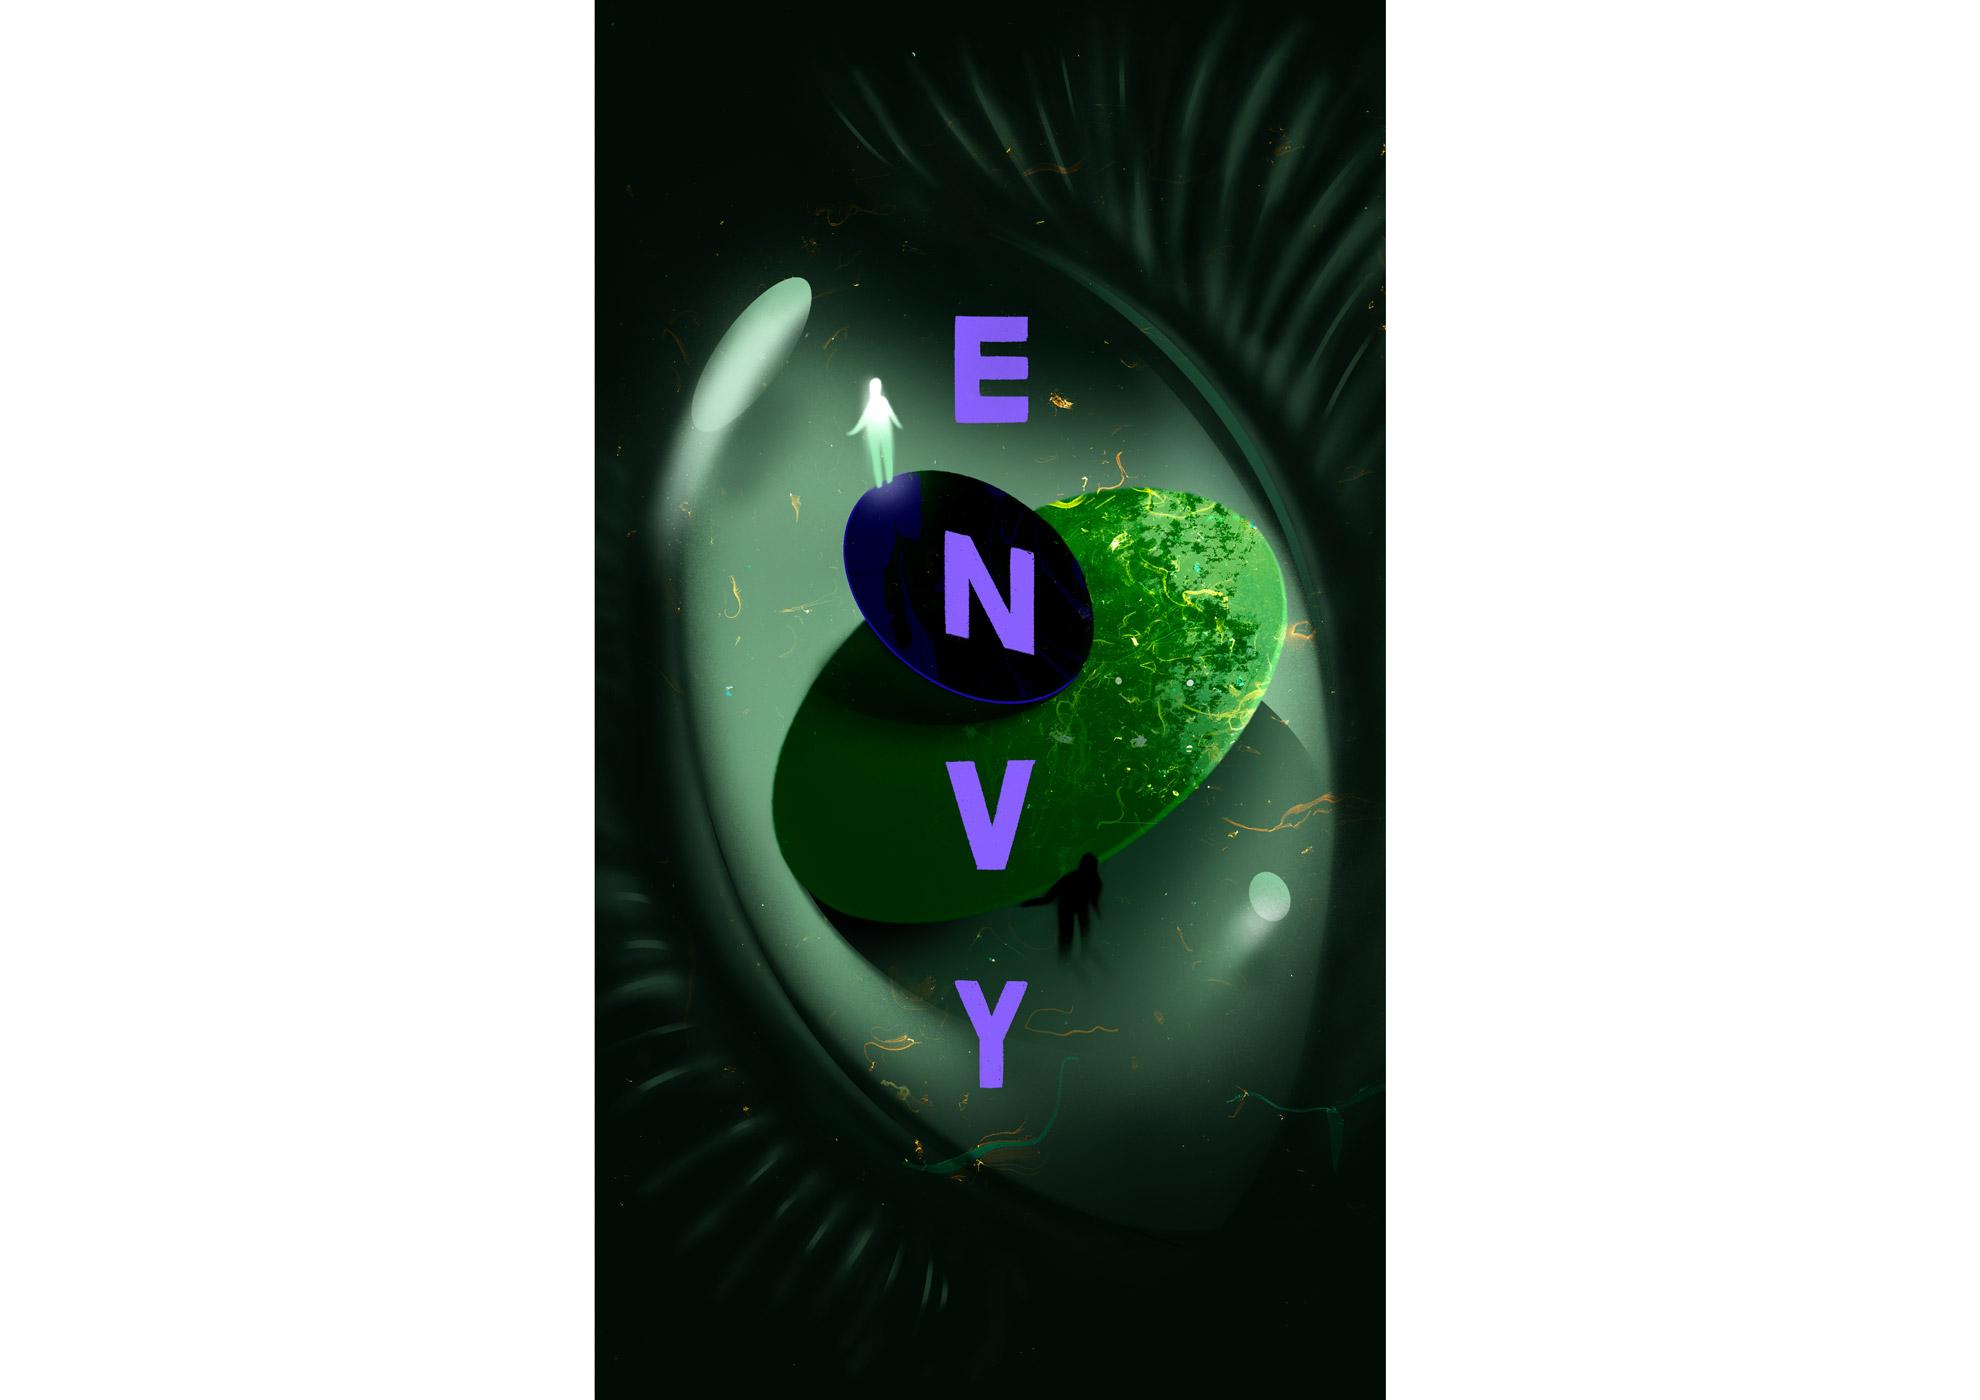 envymain1